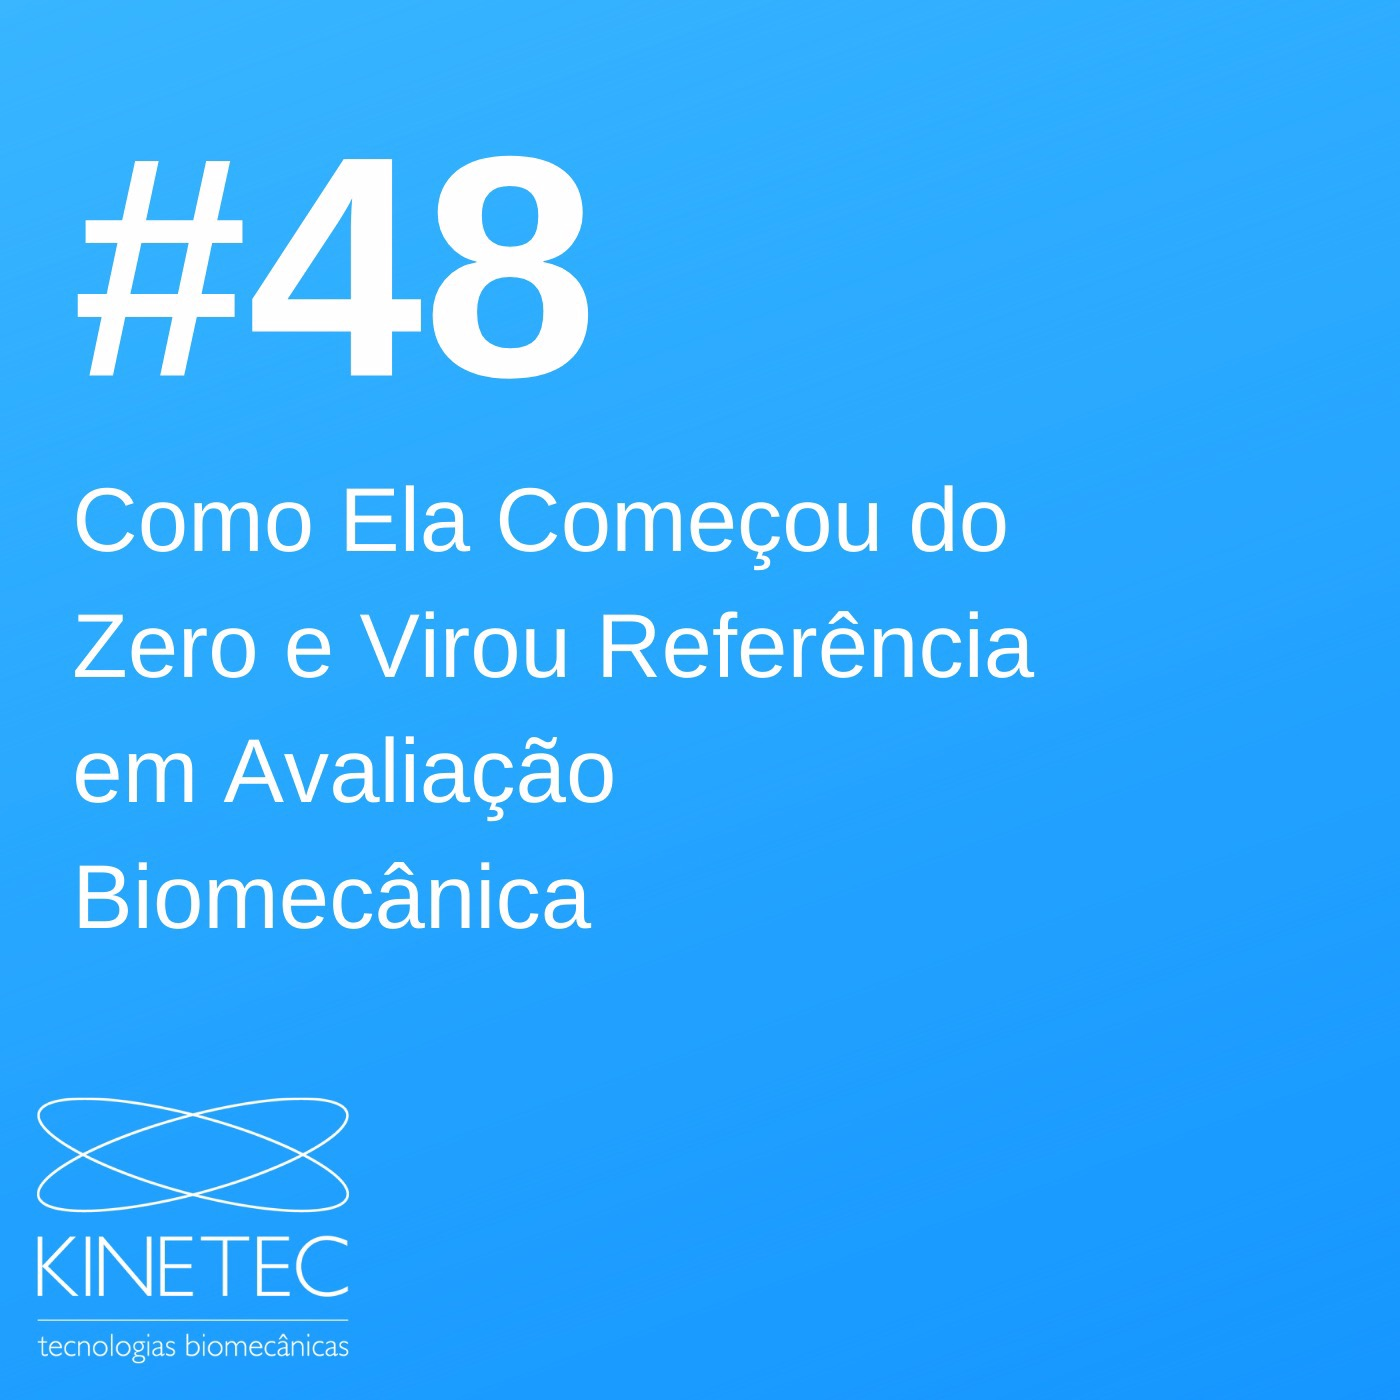 #48 Como Ela Começou do Zero e Virou Referência em Avaliação Biomecânica